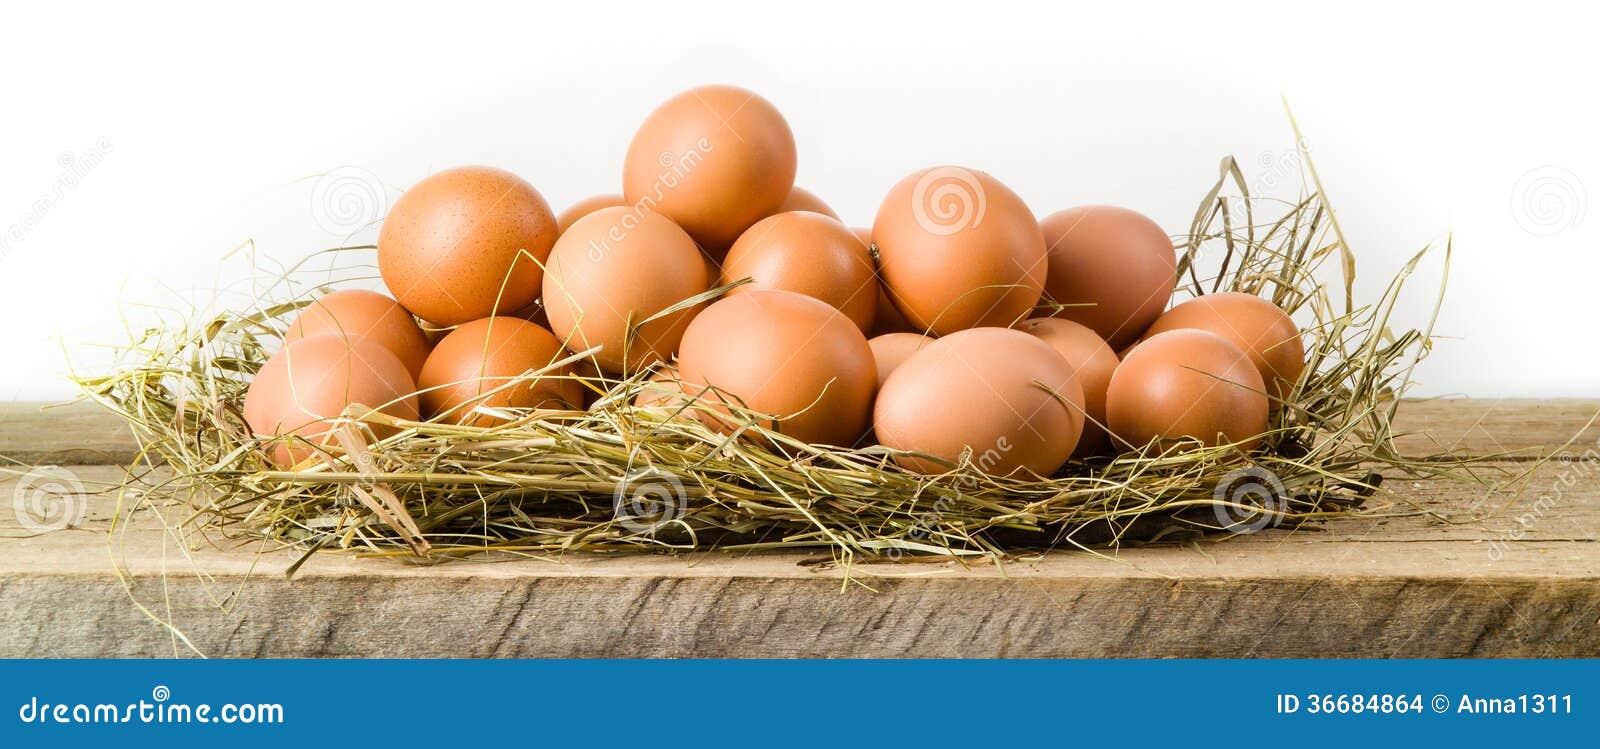 Fega ägg i hörede. Isolerat. Organisk mat